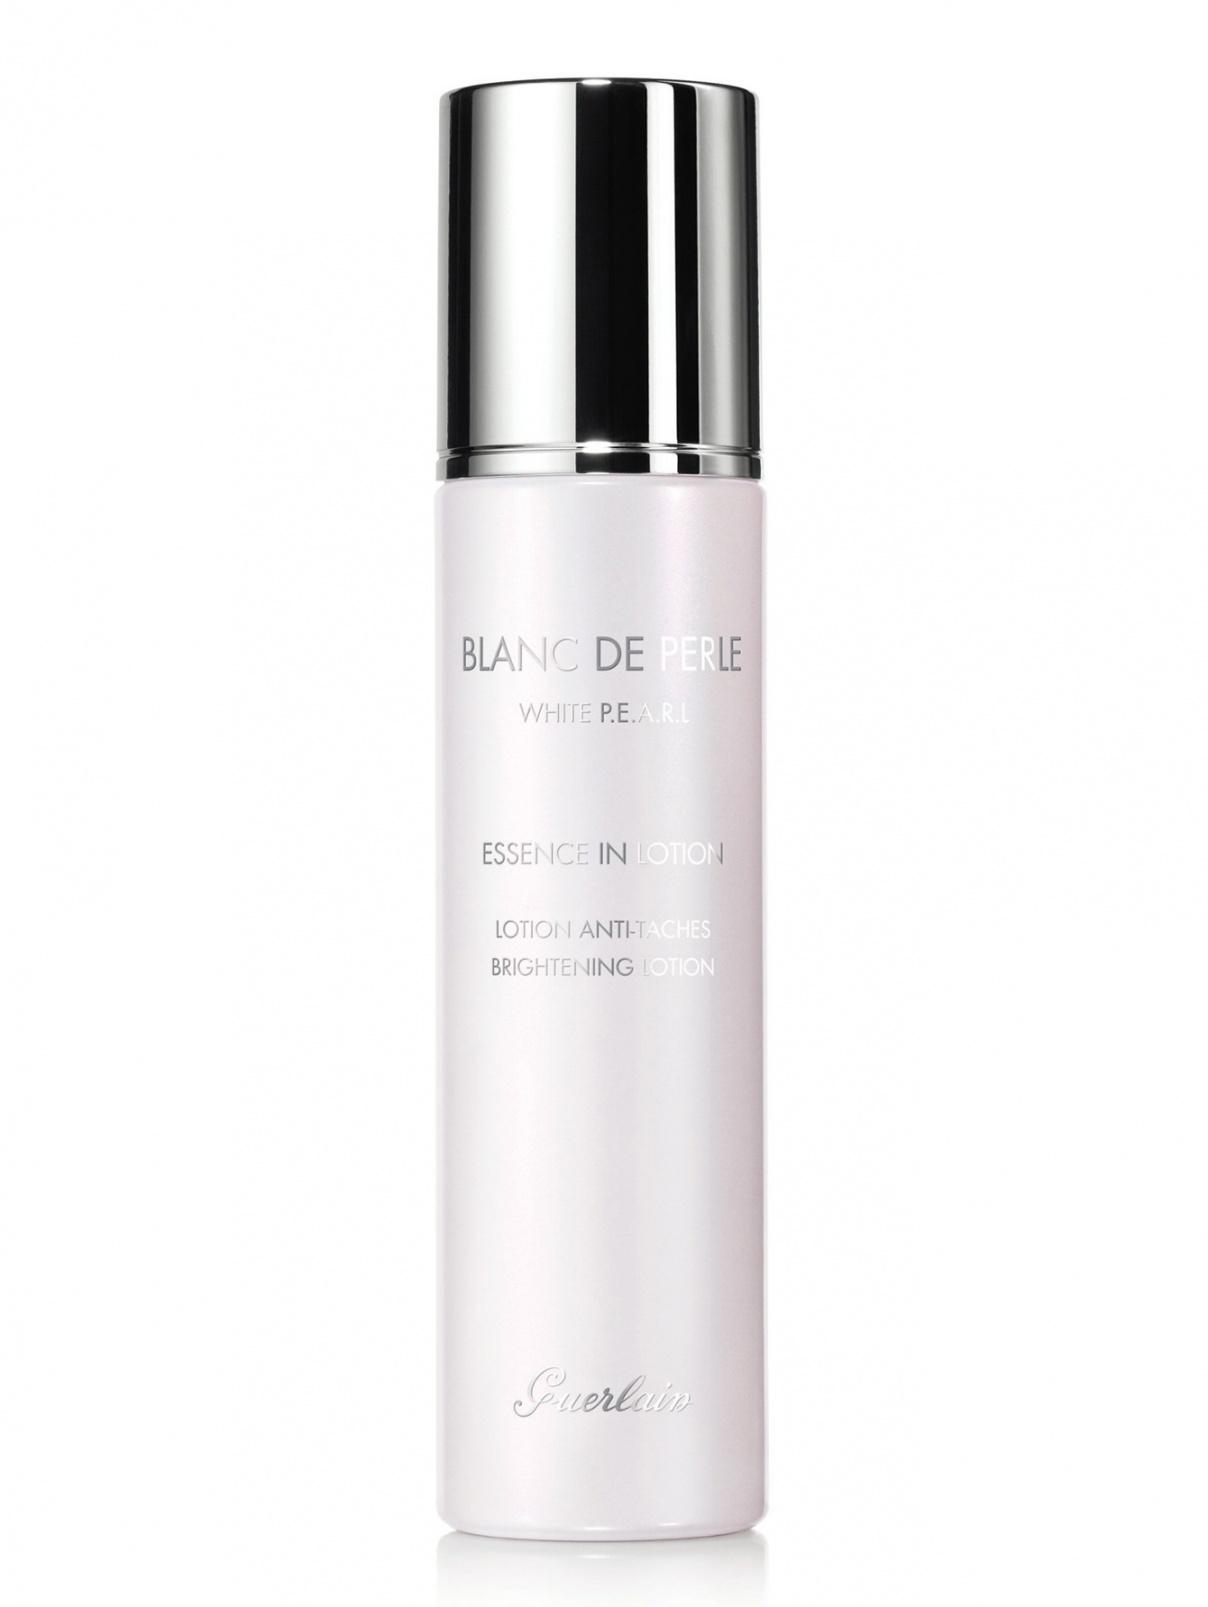 Очищающий лосьон для лица - Blanc De Perle, 200ml Guerlain  –  Общий вид